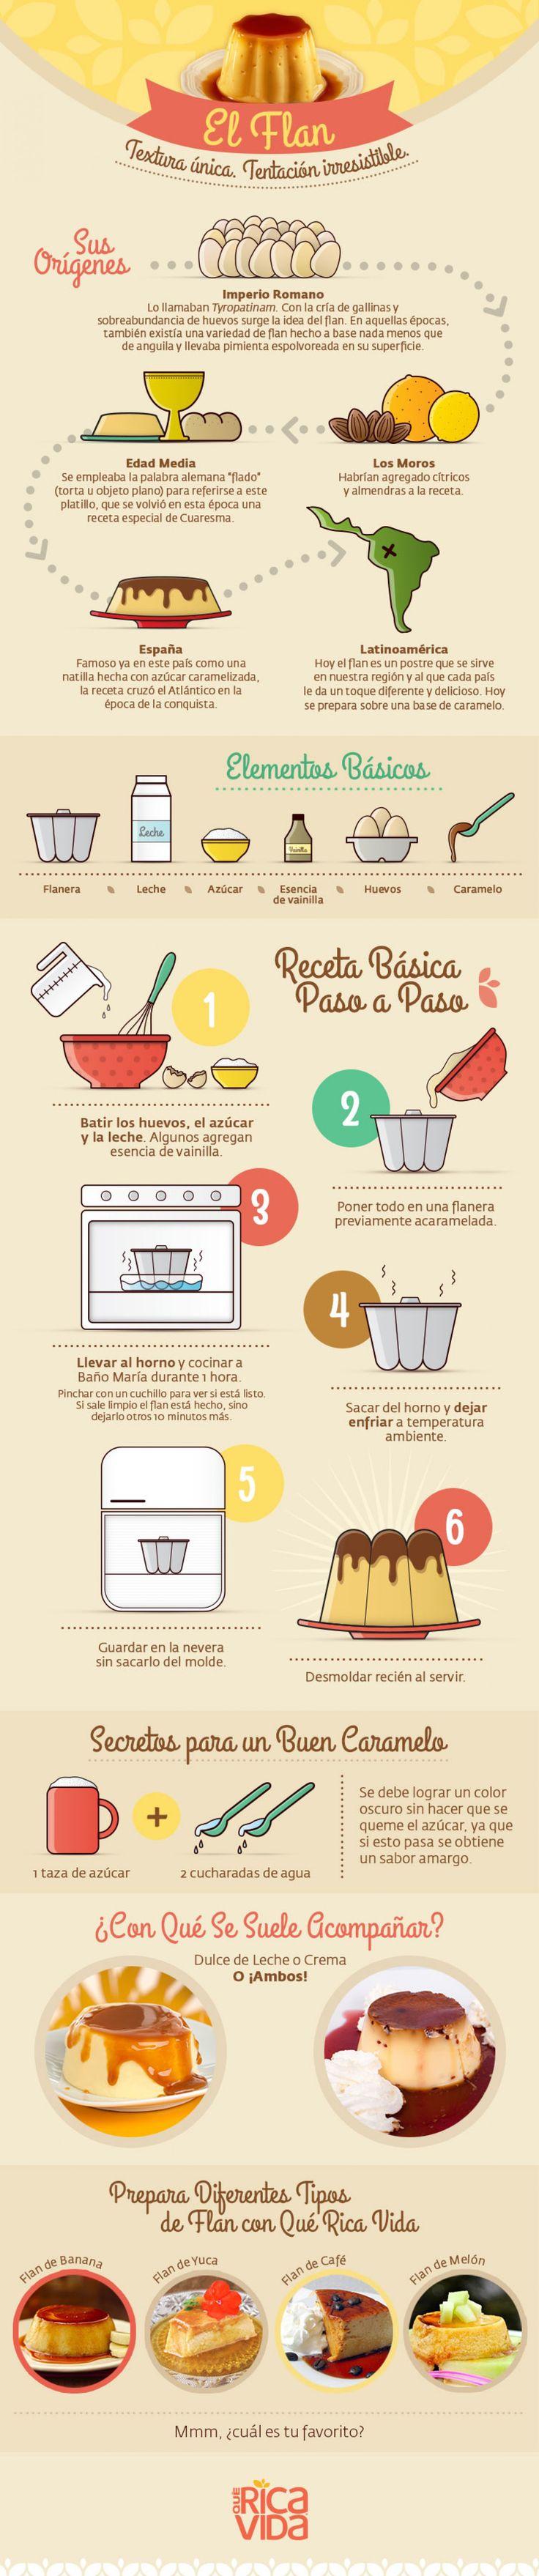 Historia del flan y recetas